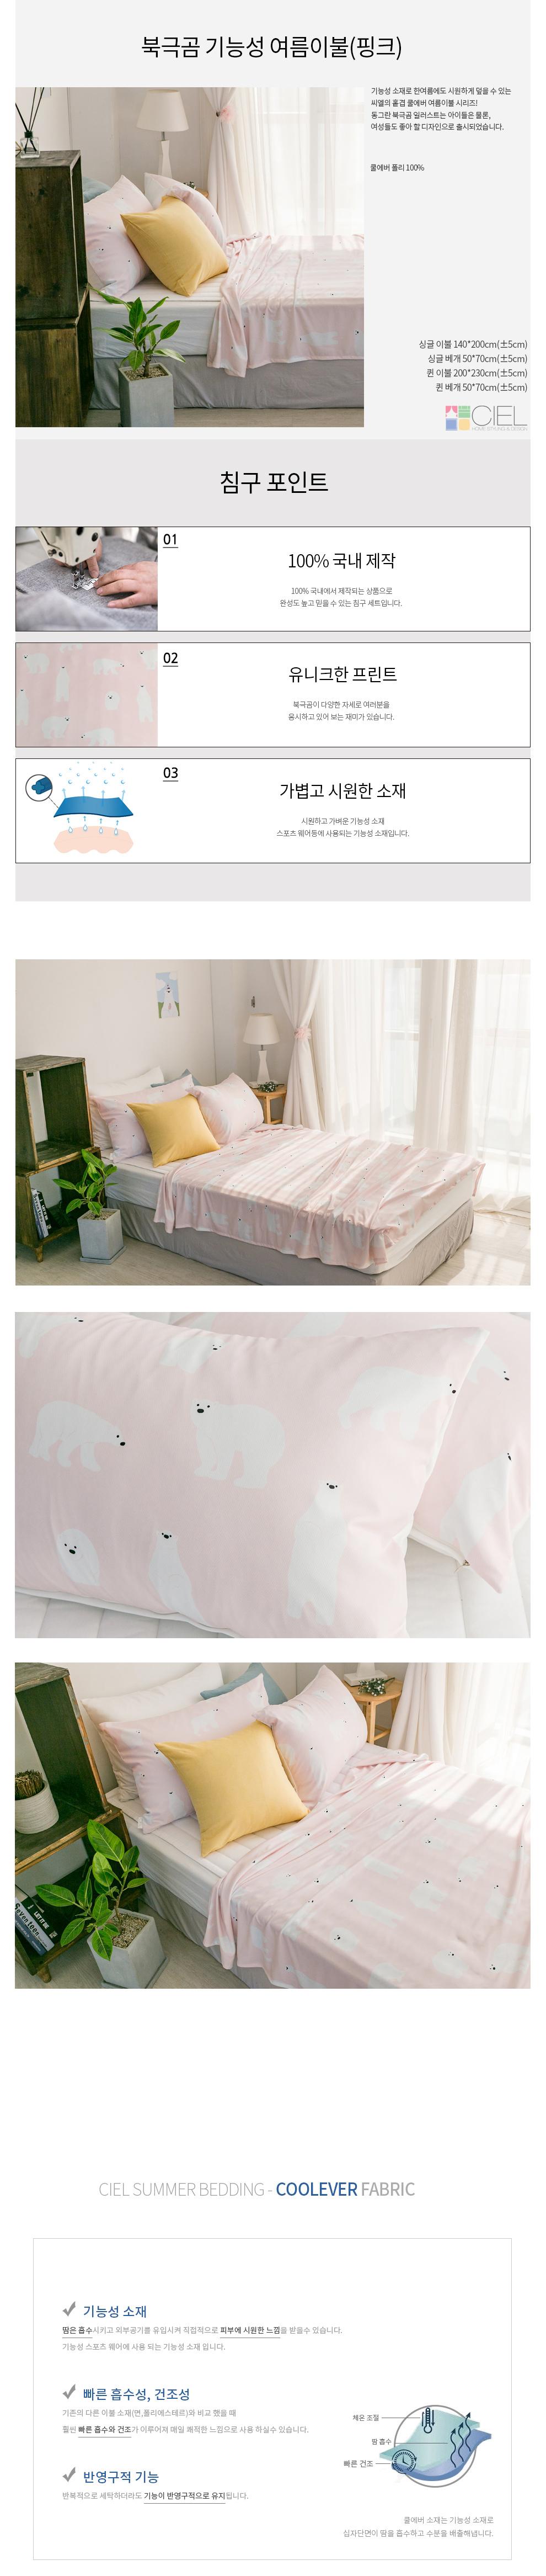 북극곰 기능성 여름이불(핑크) - 씨엘커튼, 40,000원, 침구 단품, 홑이불